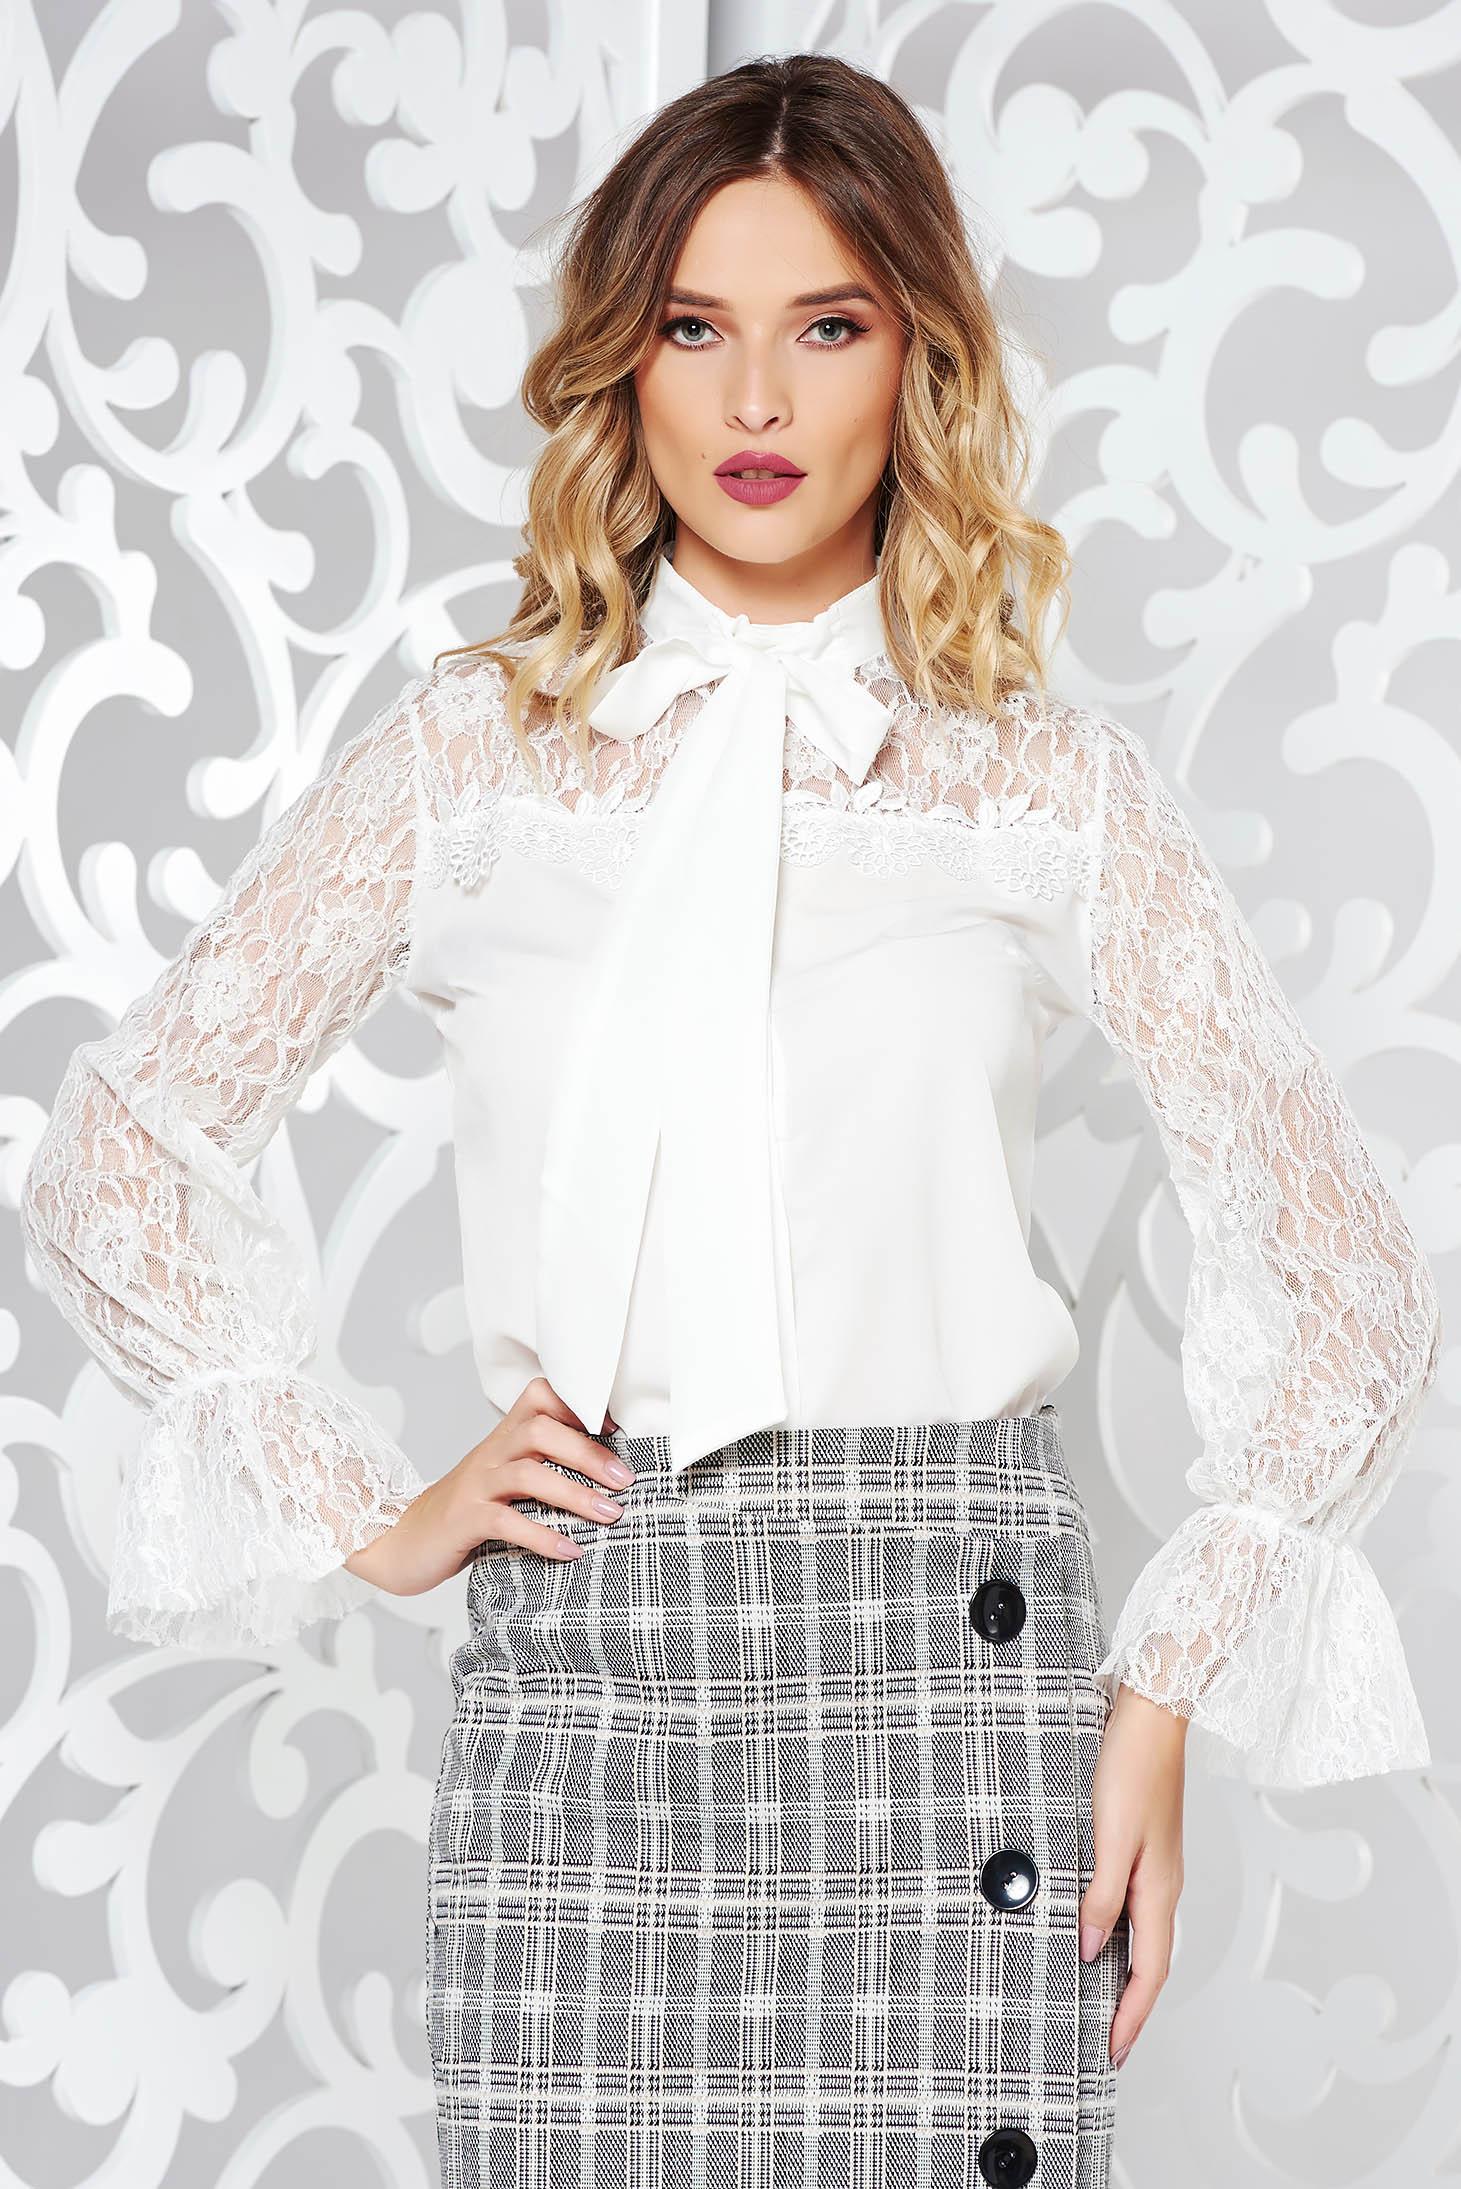 Fehér elegáns bő szabású női ing enyhén áttetsző anyag csipke díszítéssel 0d1c4056d0